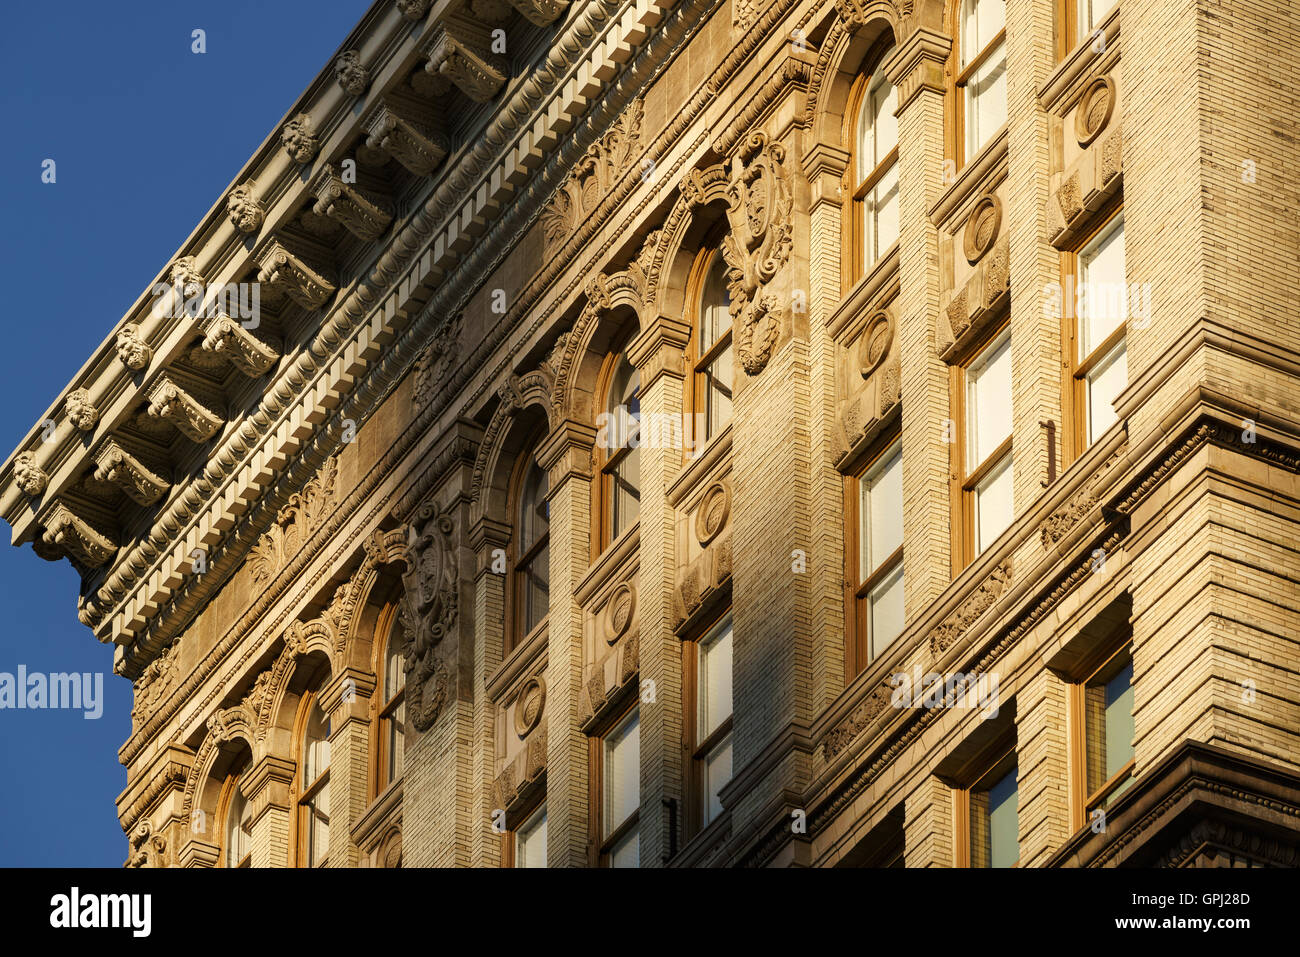 Les façades en briques de Soho et corniches avec des ornements architecturaux en terre cuite. Manhattan, New Photo Stock